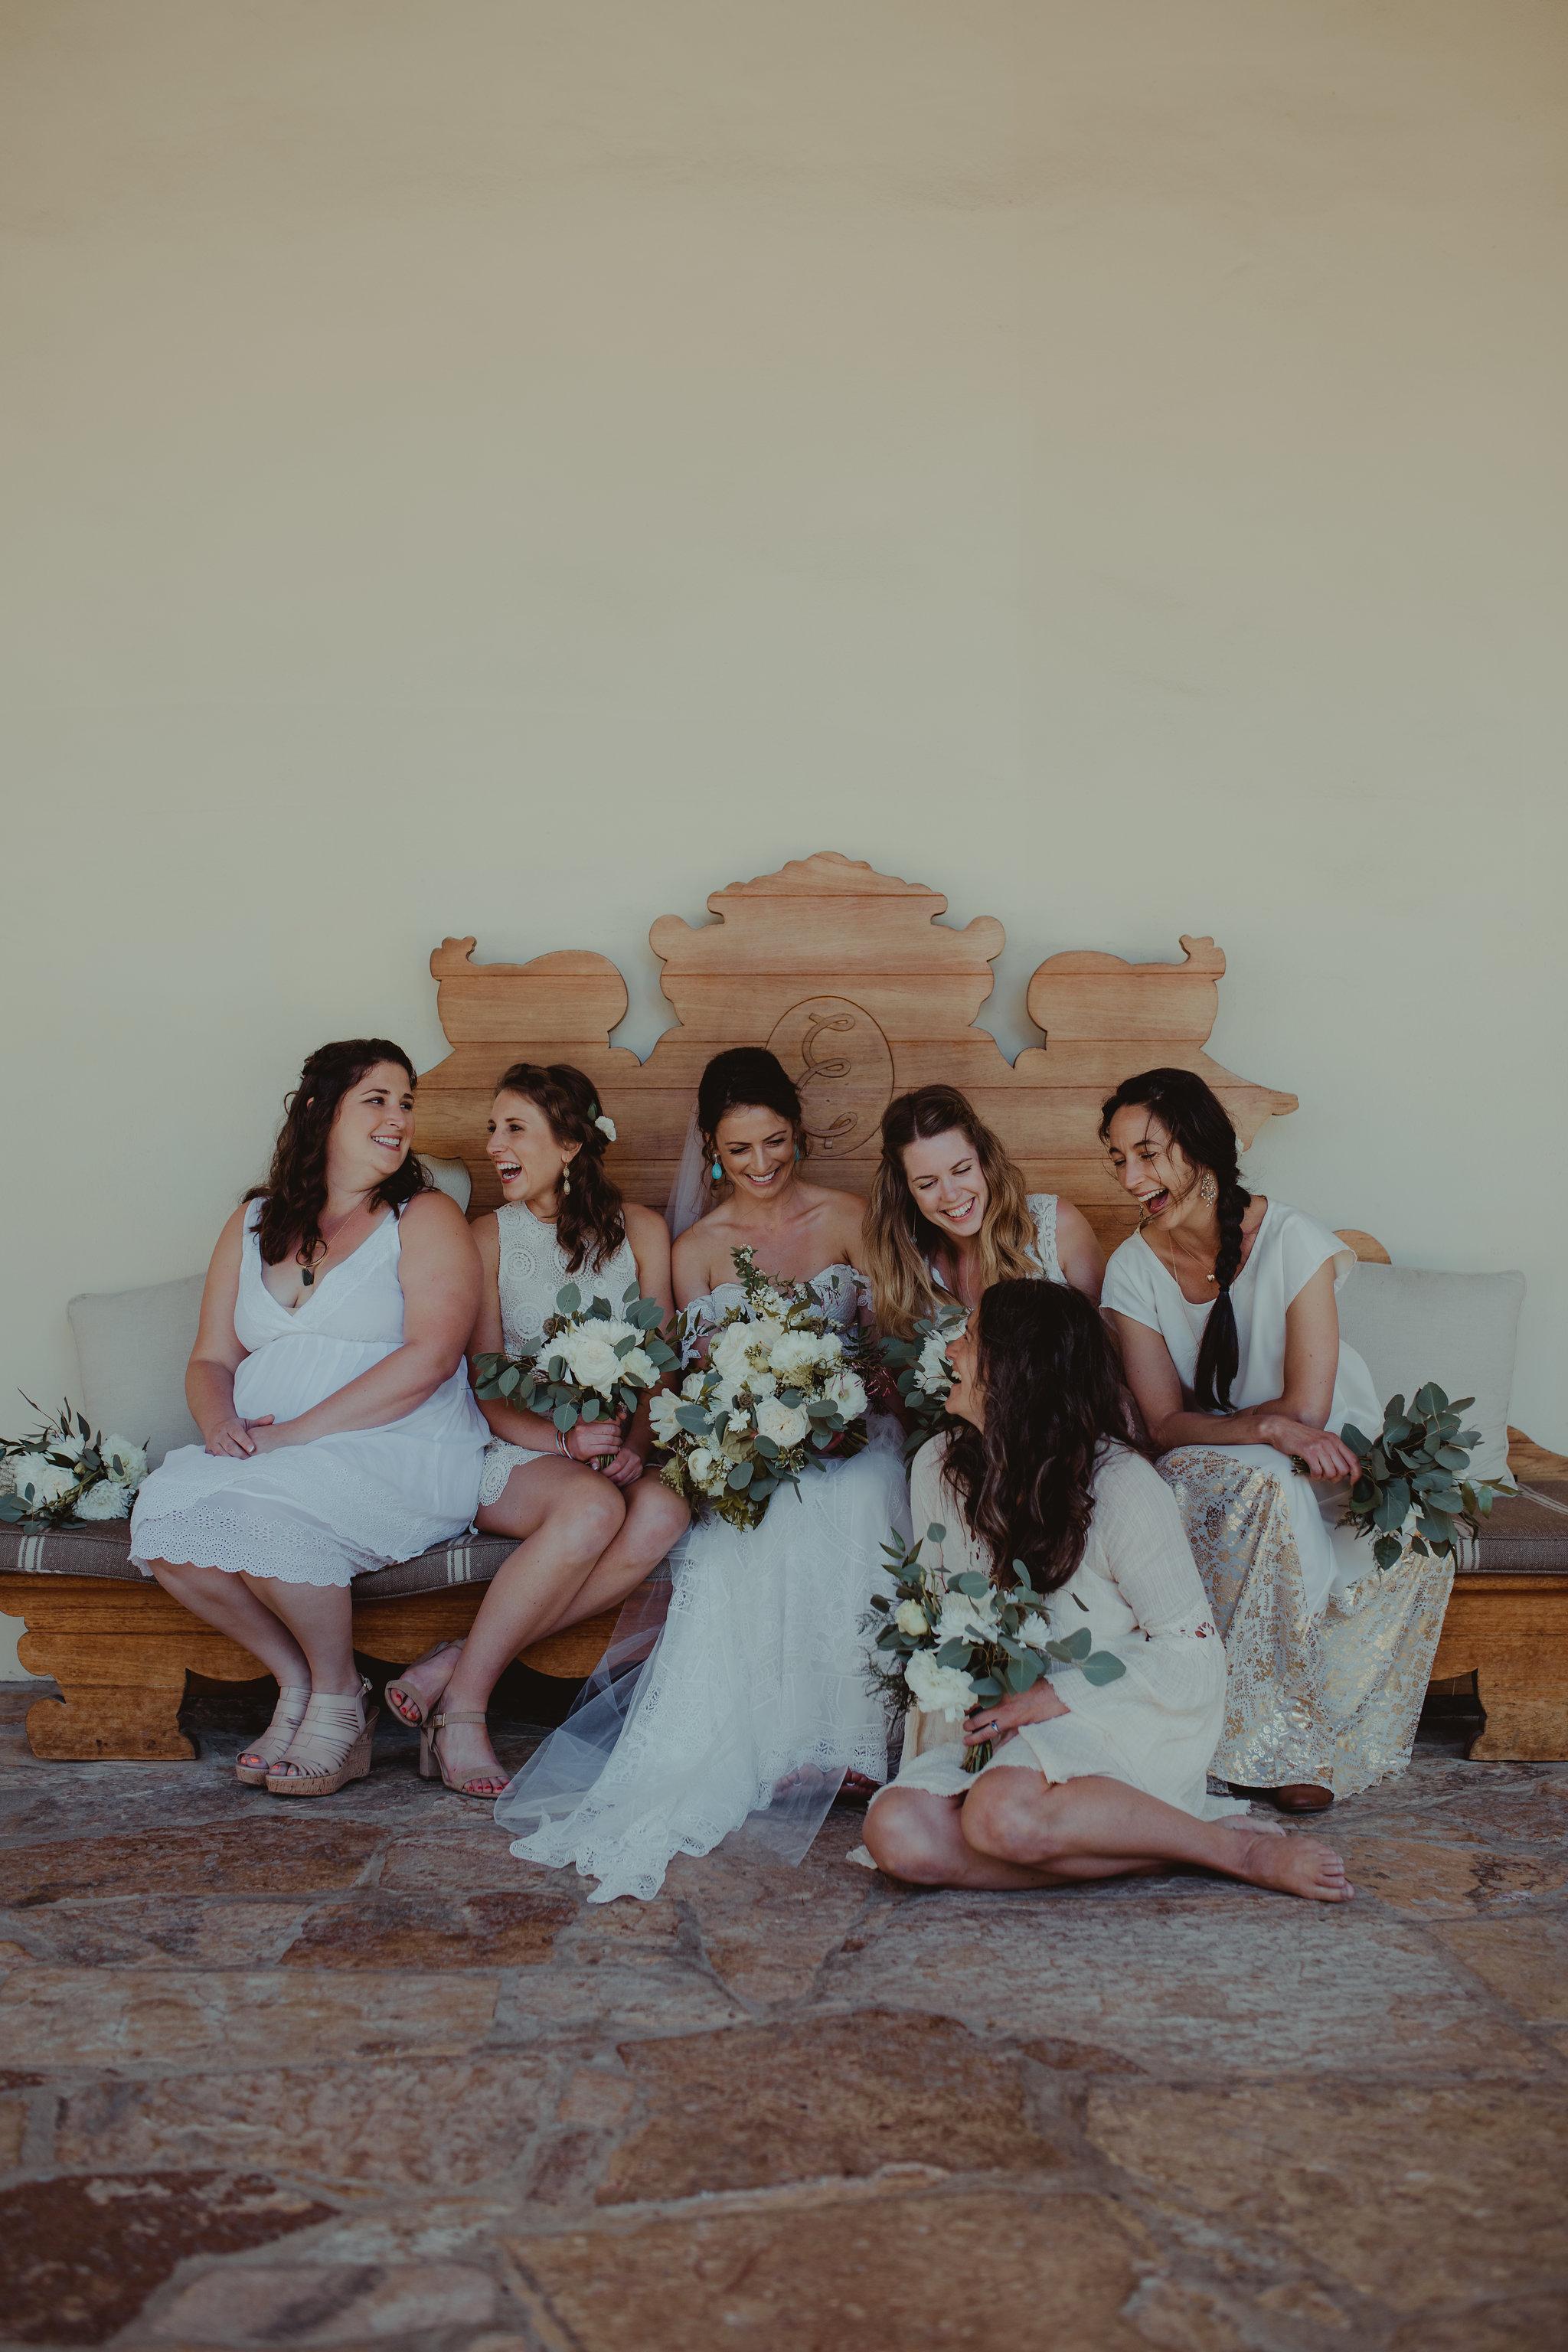 lolo-and-noa-la-jolla-wedding-scripps-blooms-by-breesa-lee-193.jpg